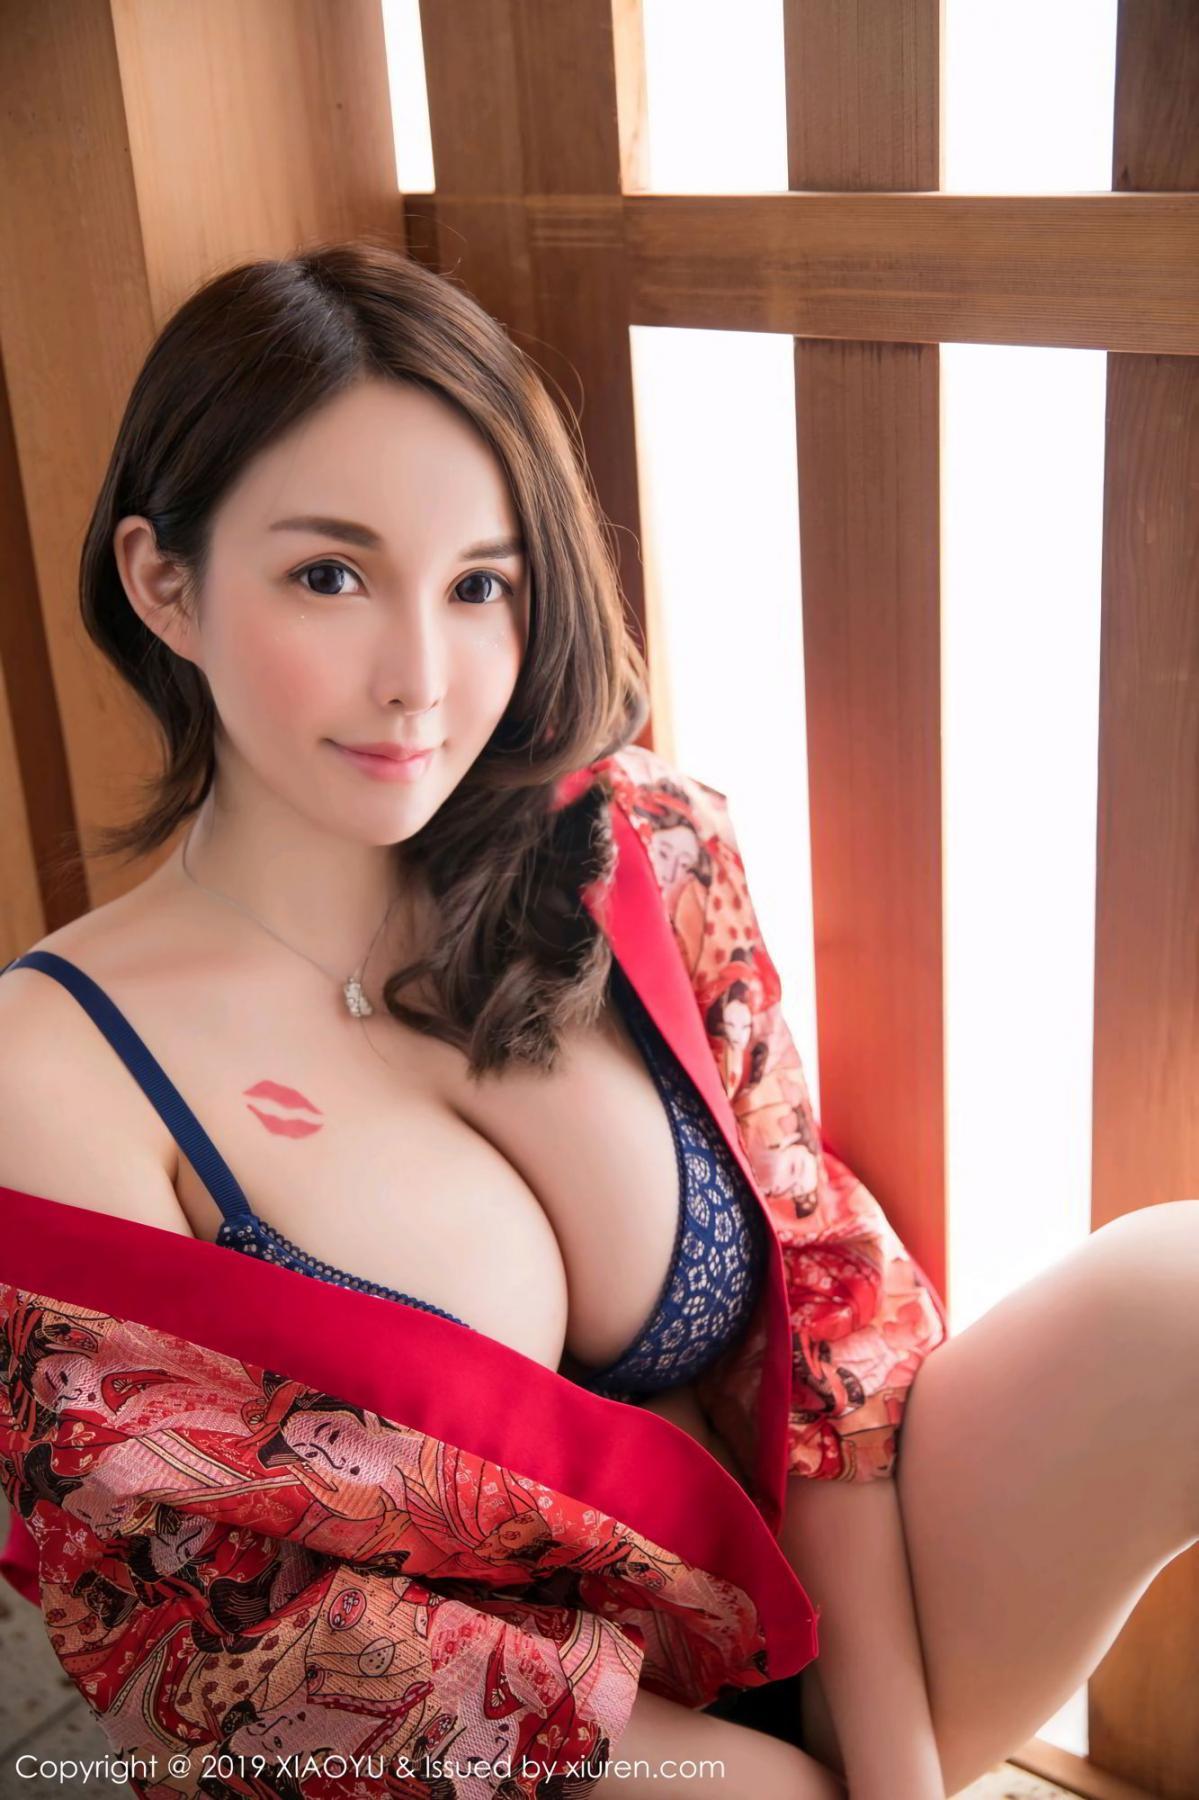 [XiaoYu] Vol.137 Shen Mi Tao 21P, Kimono, Shen Mi Tao, Underwear, XiaoYu